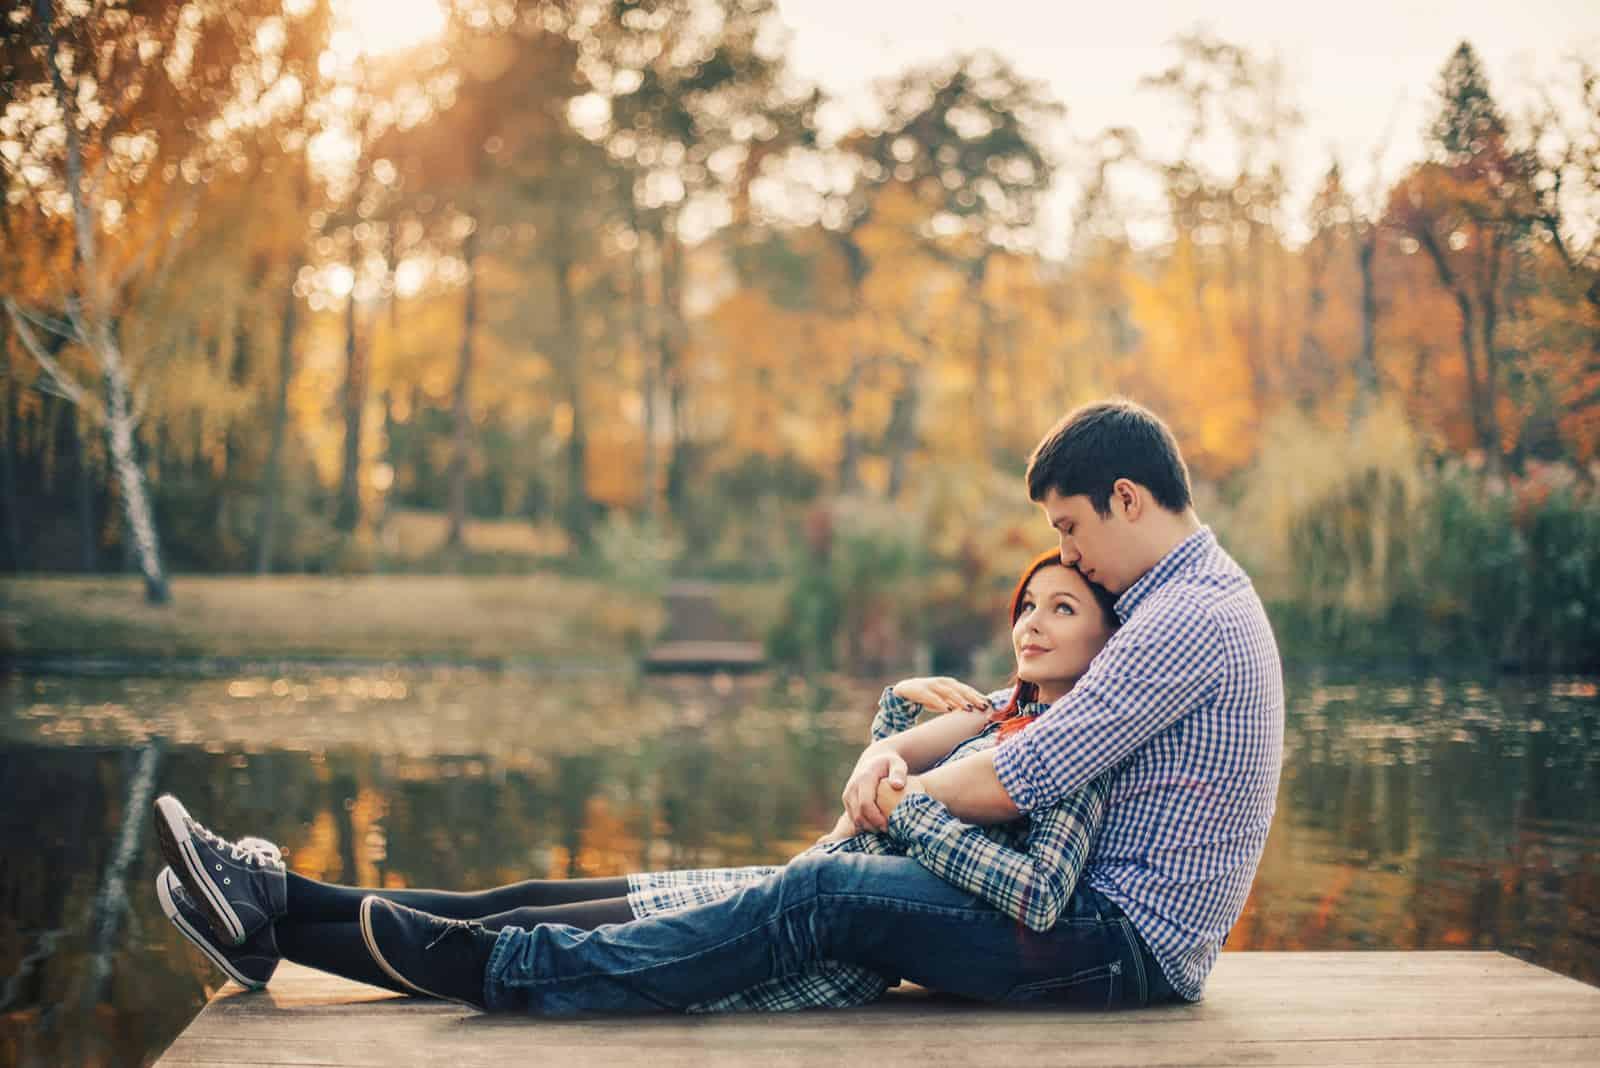 Romantisches Paar entspannt auf dem Flussdock